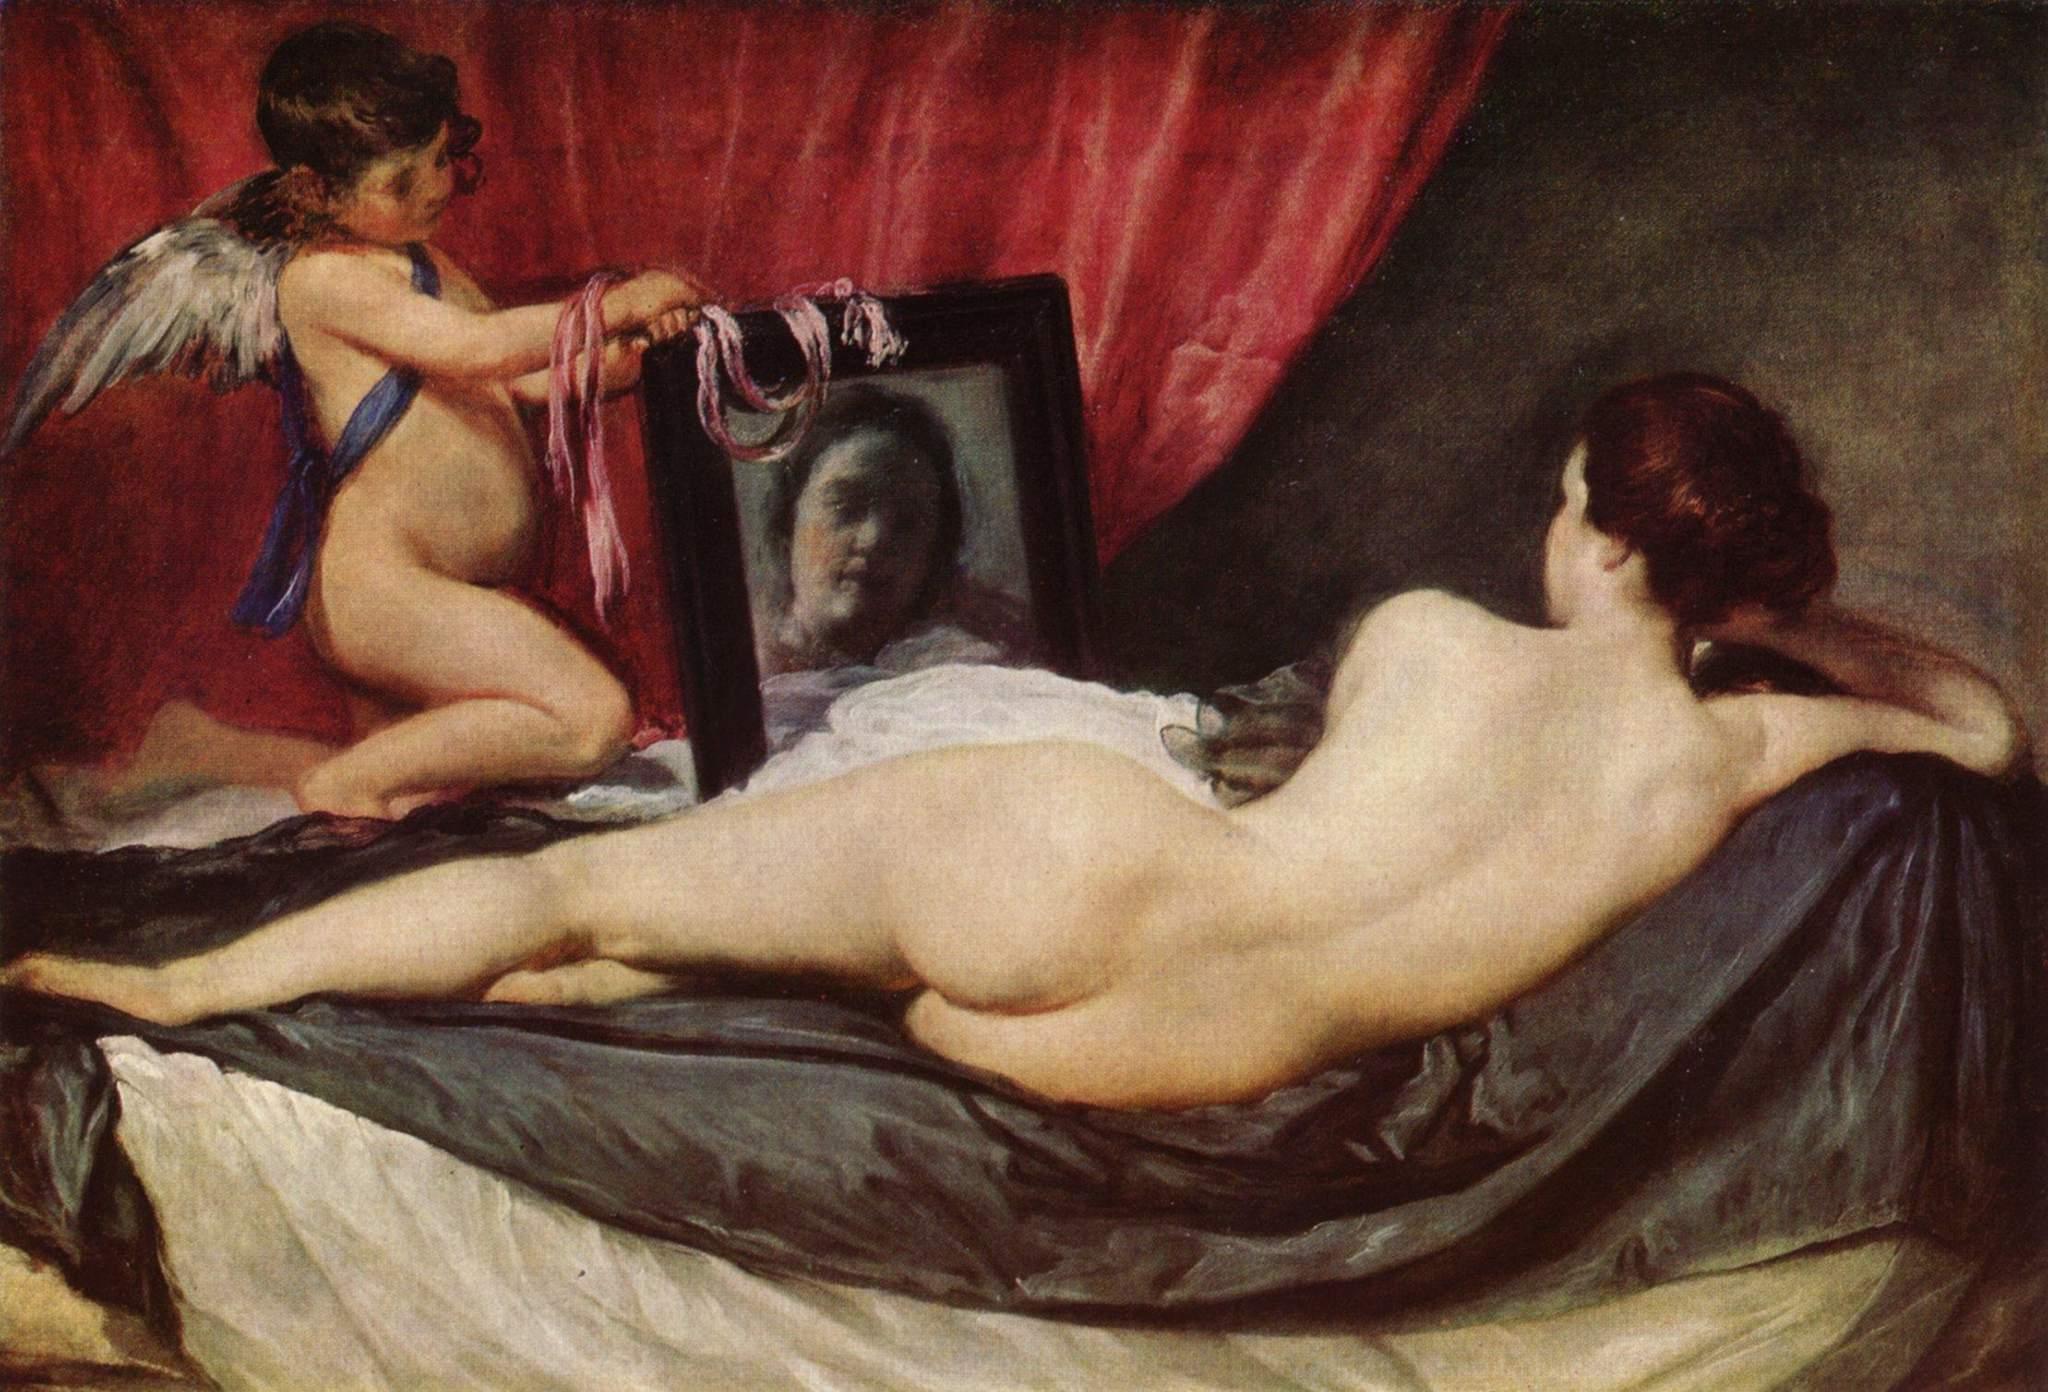 File:Diego Velázquez 064.jpg - Wikipedia